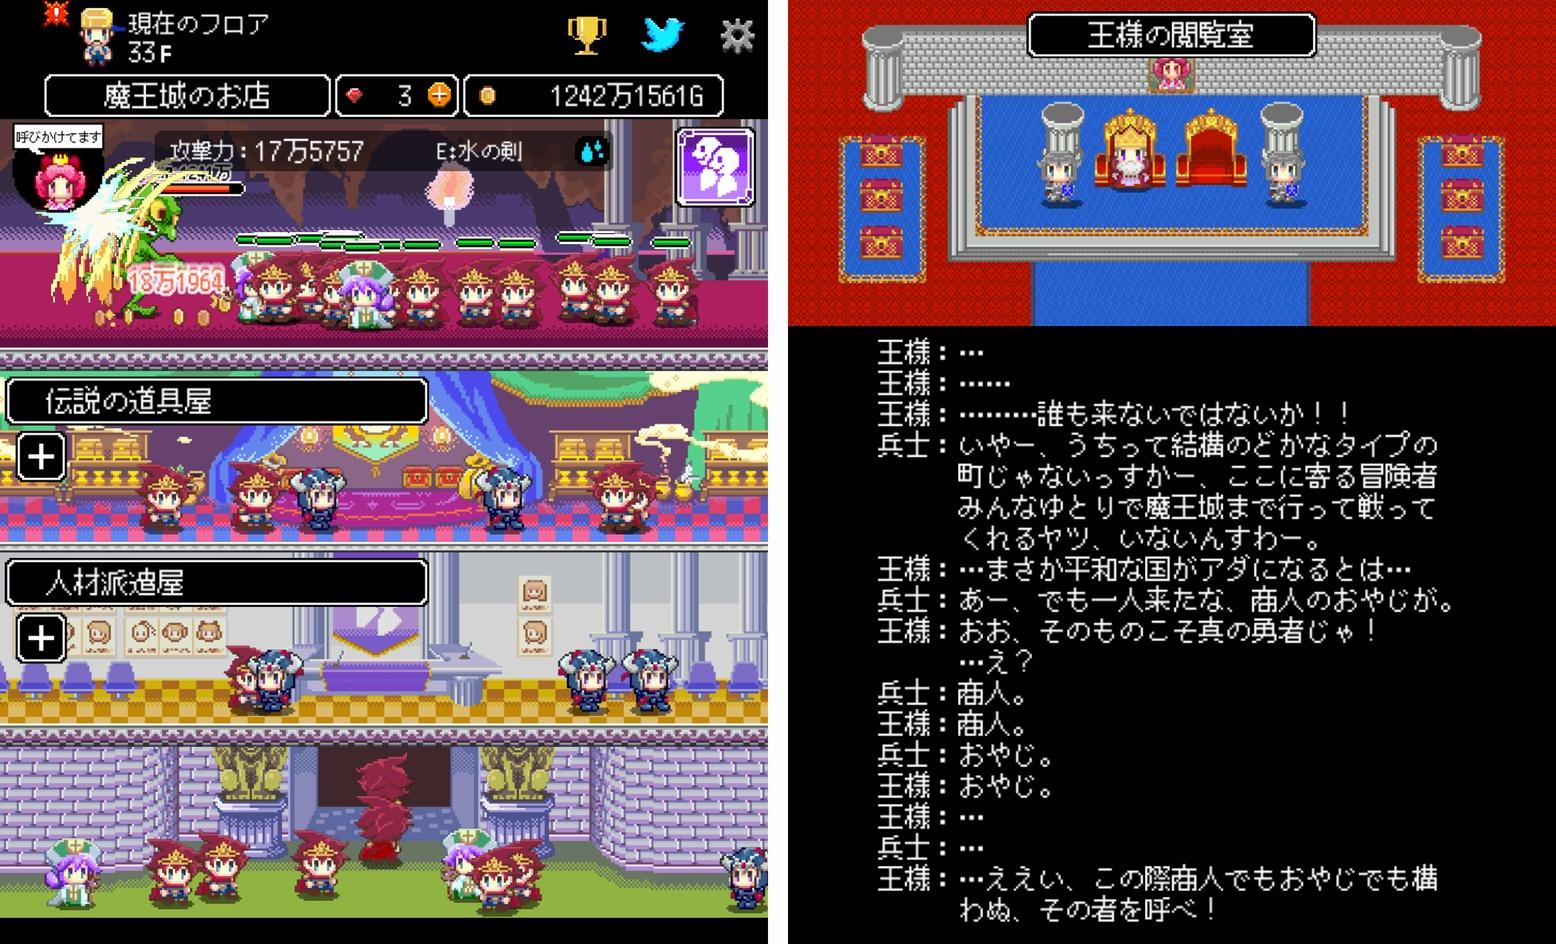 商人サーガ「魔王城でお店開けって言われた」 androidアプリスクリーンショット2